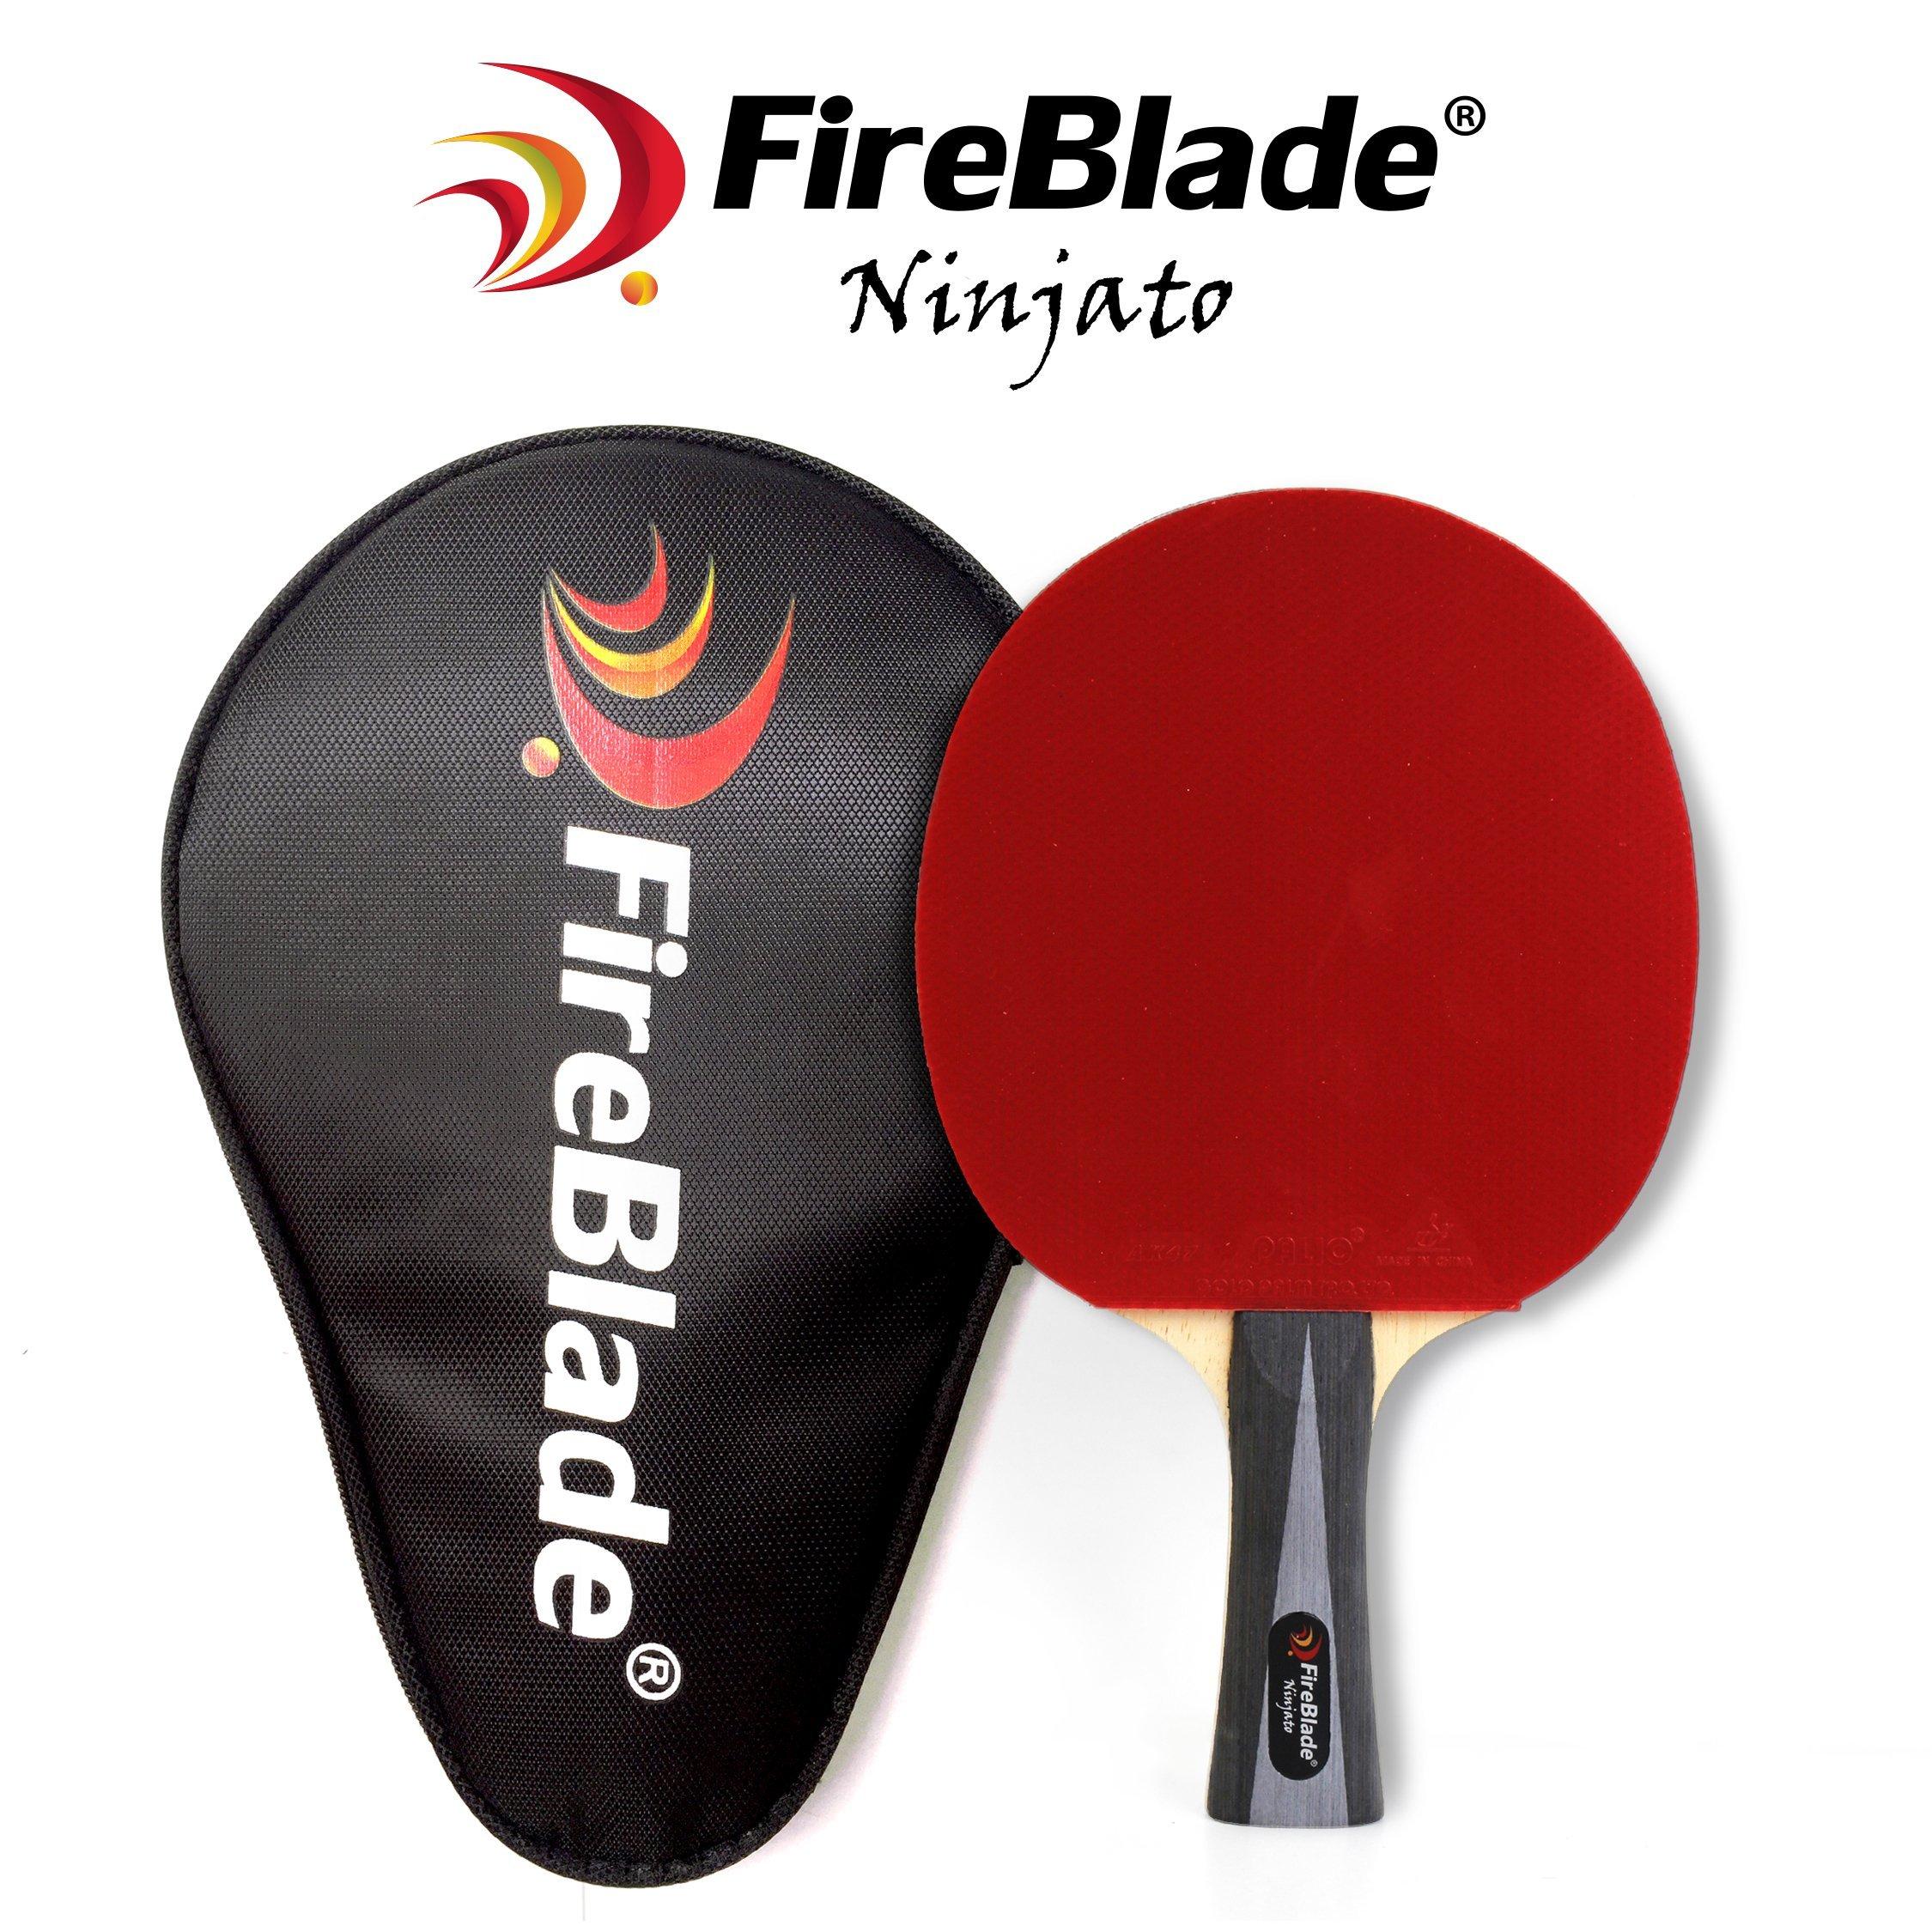 8db19c4c5 Fireblade Ninjato - Pala de tenis de mesa de carbono con funda - 5 capas  madera